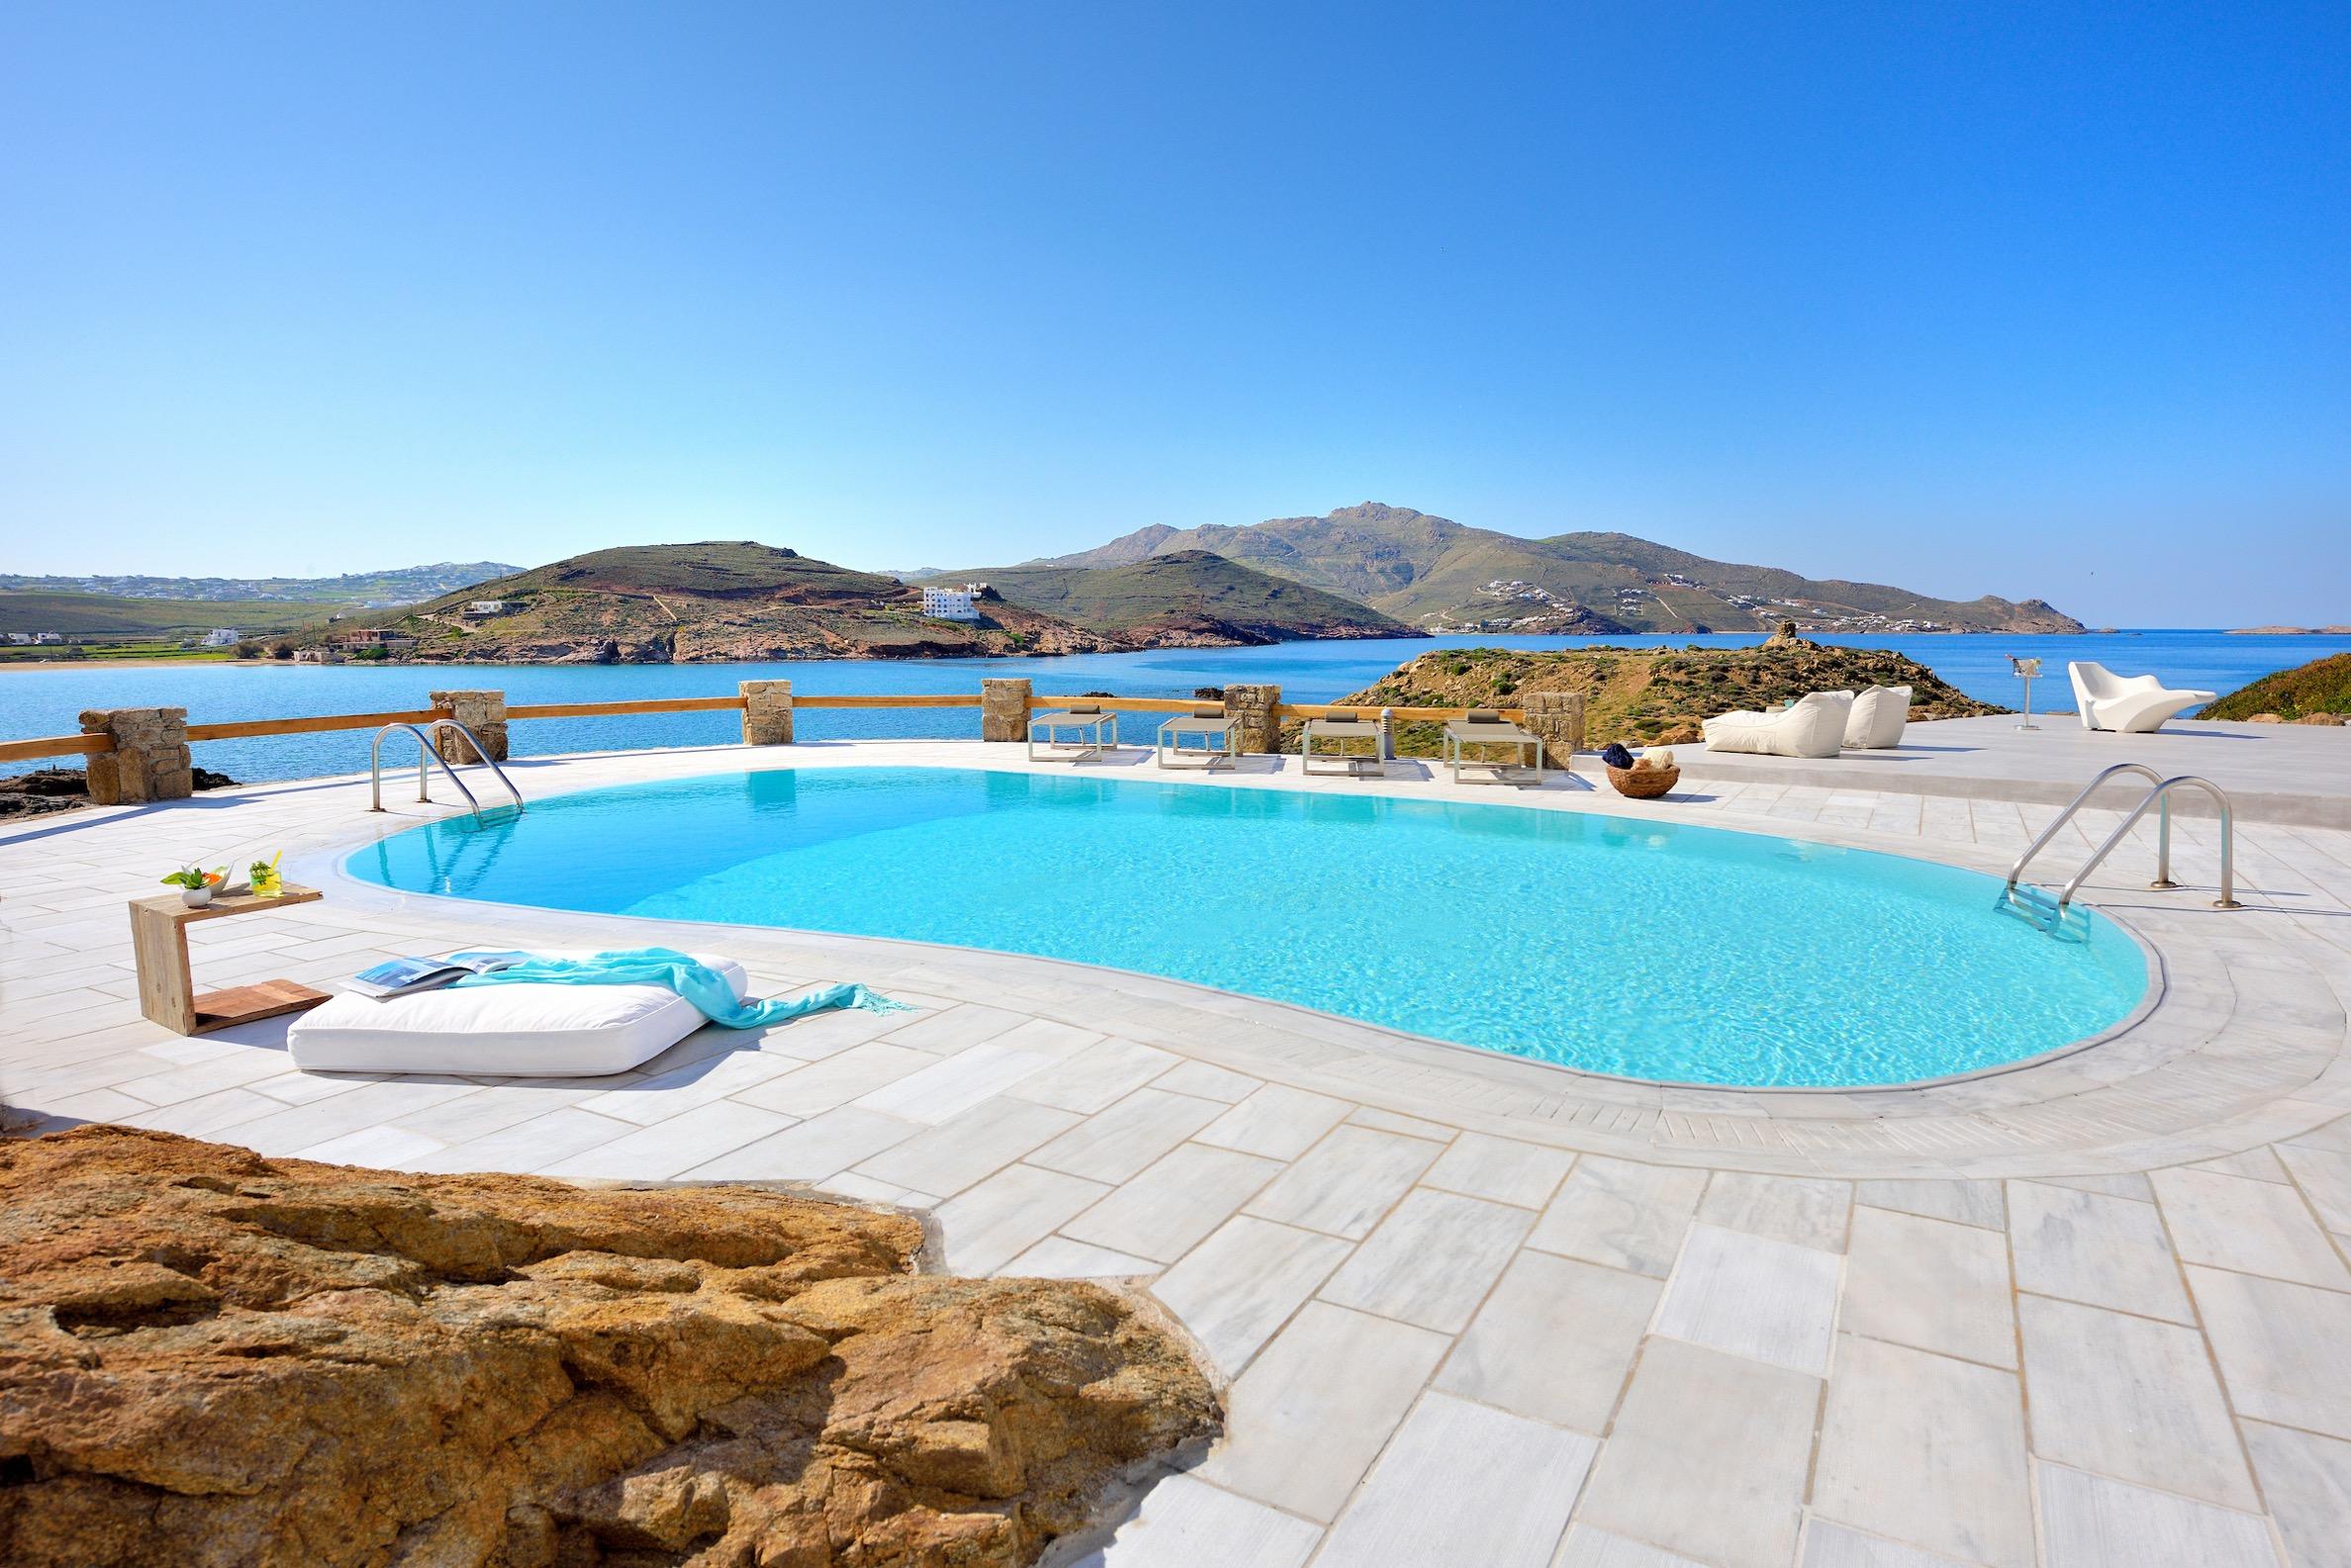 World class luxury villas in the Greek island of Mykonos